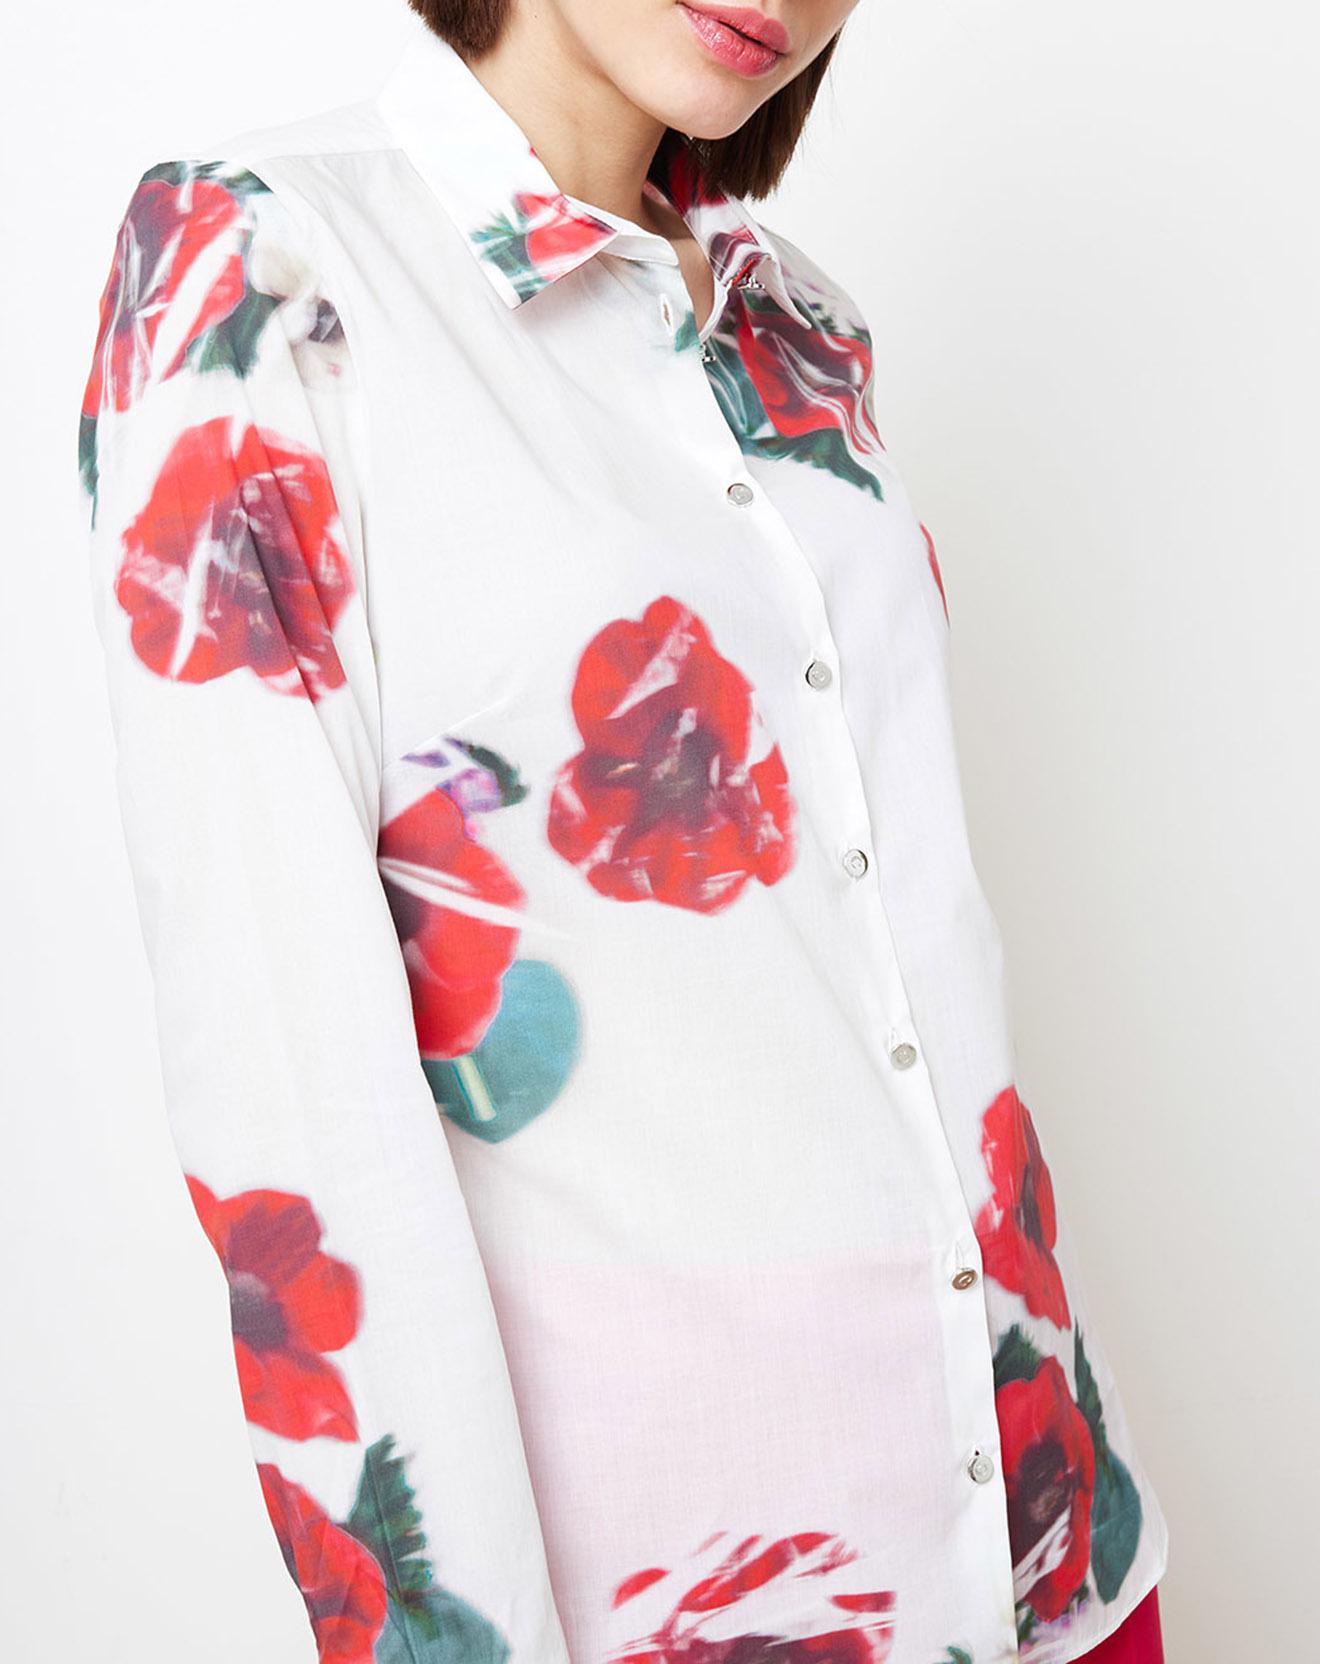 Chemise imprimée floral blanc/rouge - Cacharel - Modalova